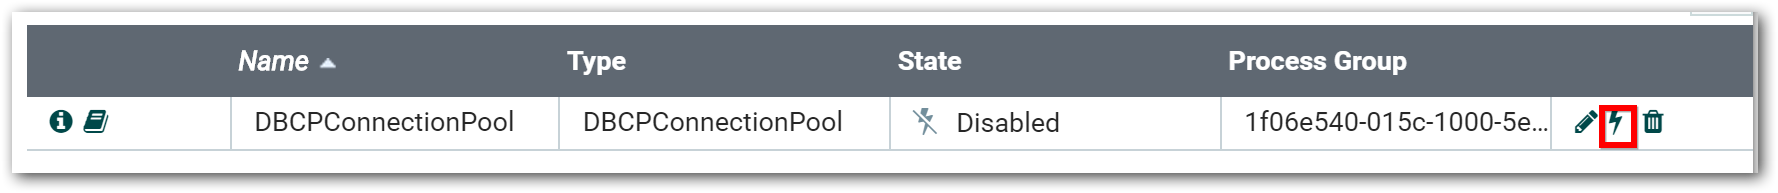 Enable button icon